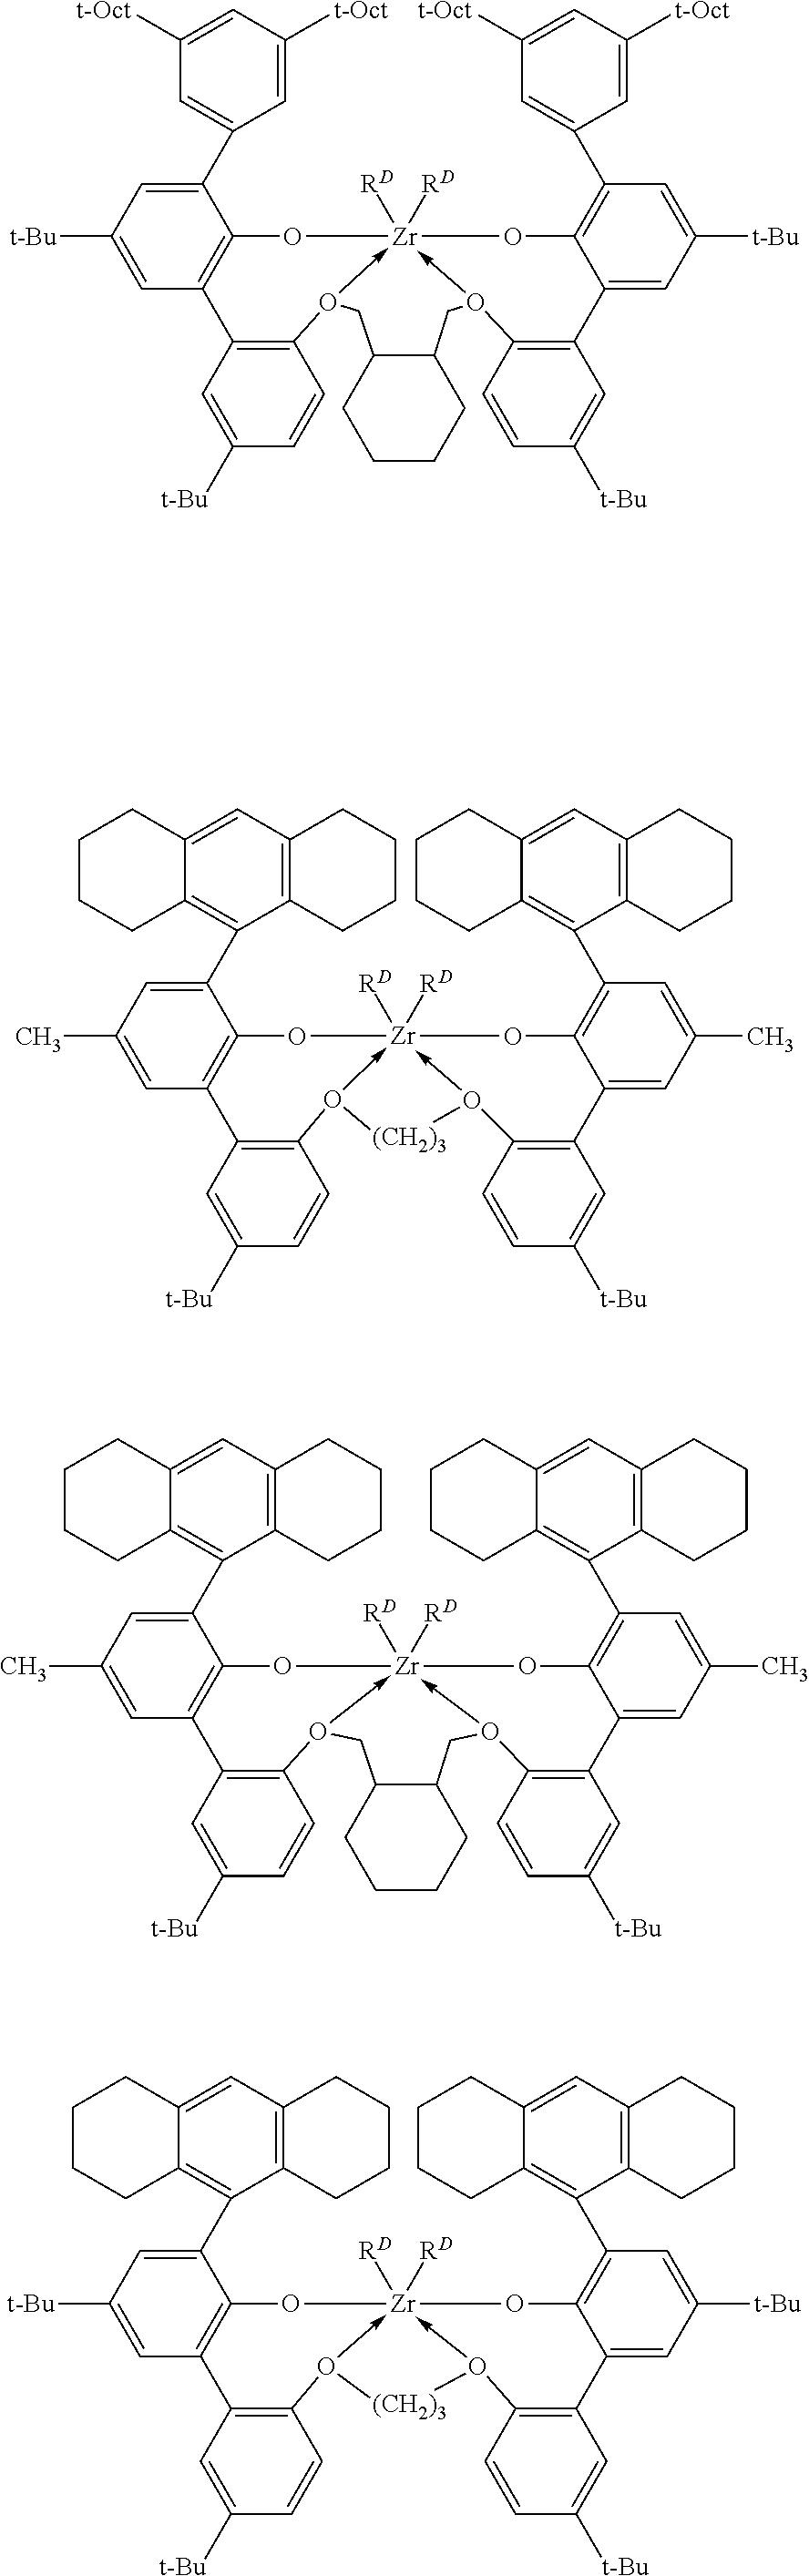 Figure US20120108770A1-20120503-C00034